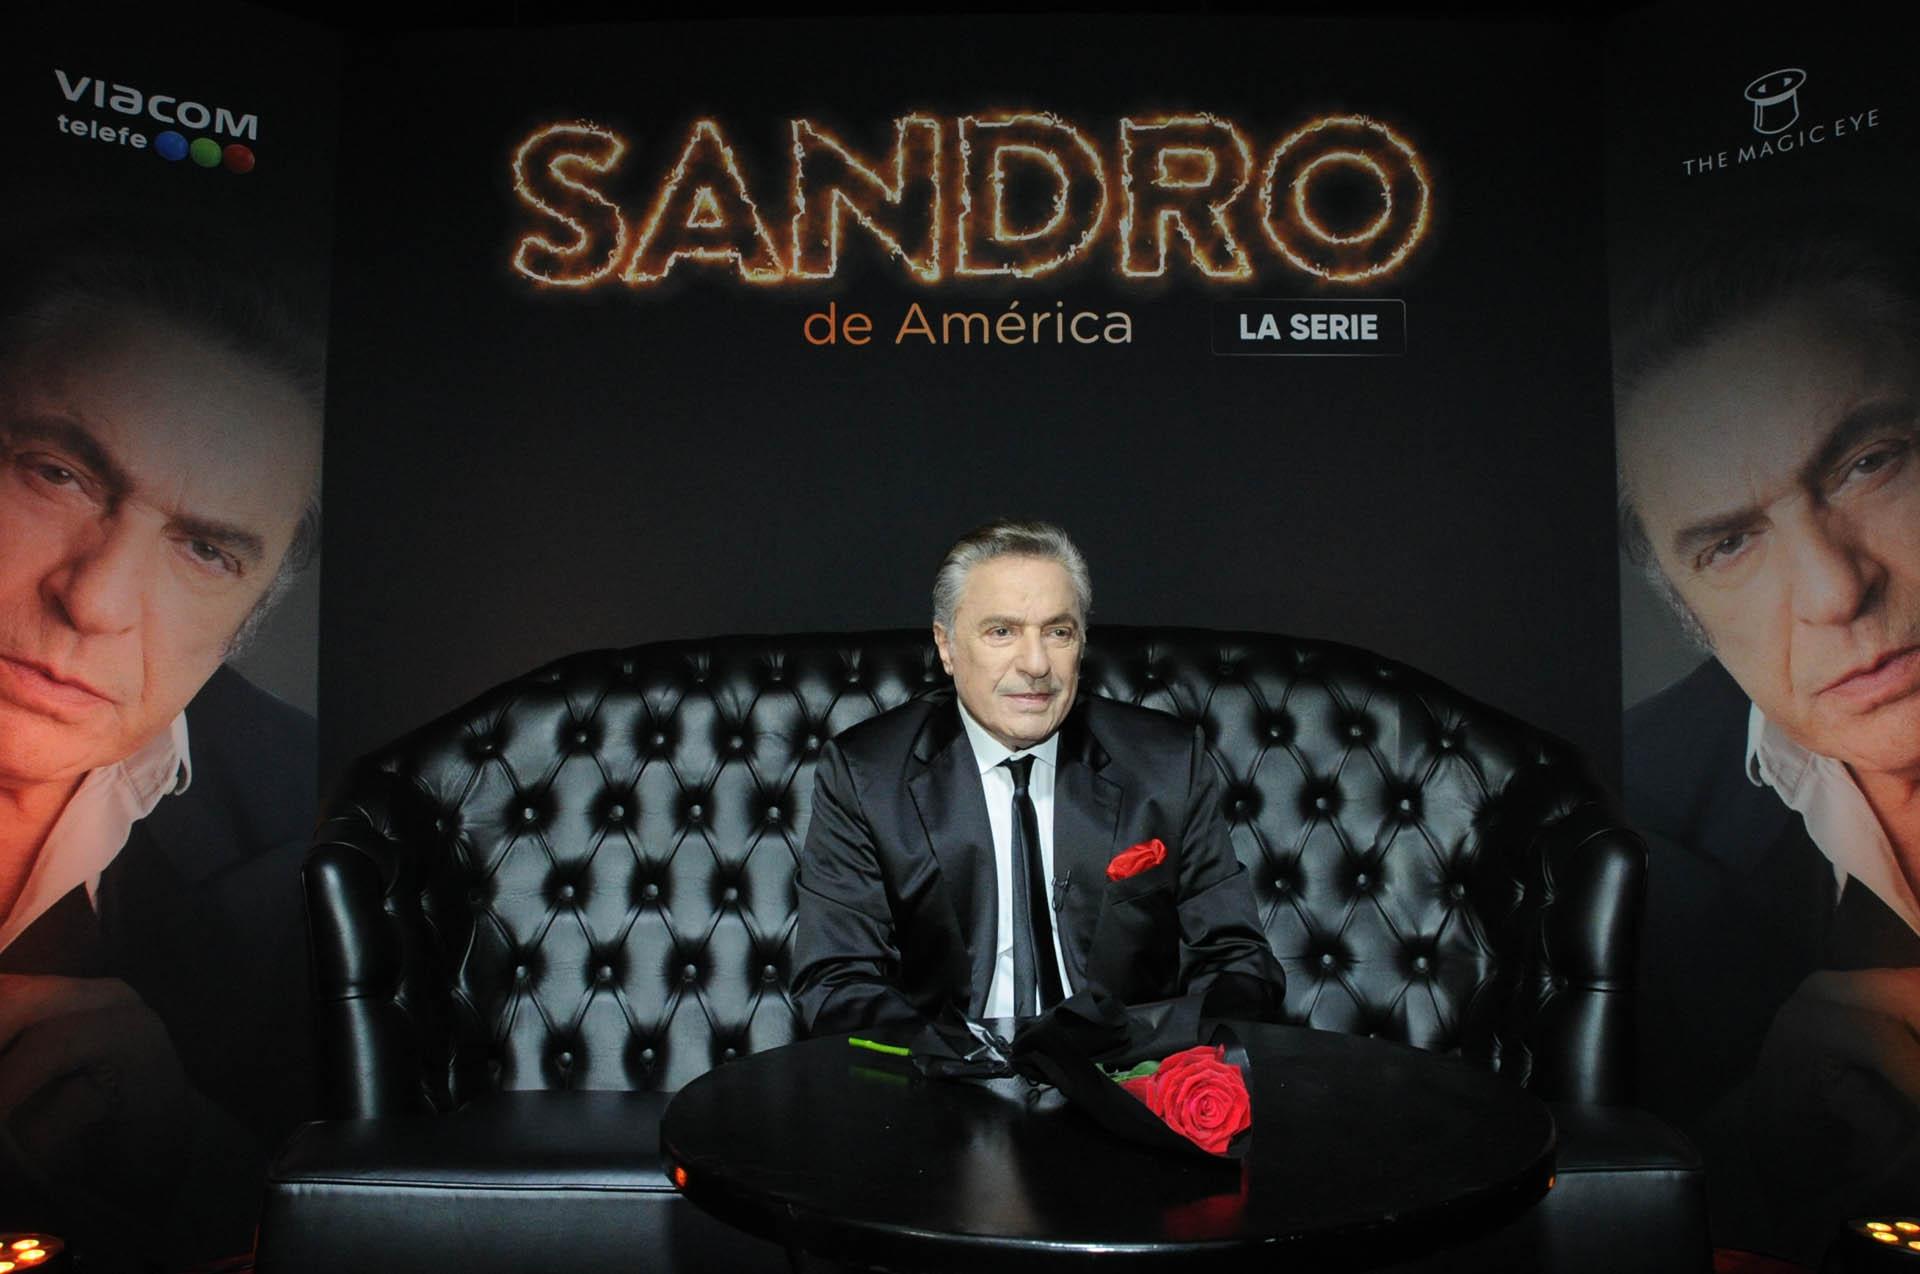 Sandro de América se estrenará el 5 de marzo en Telefe